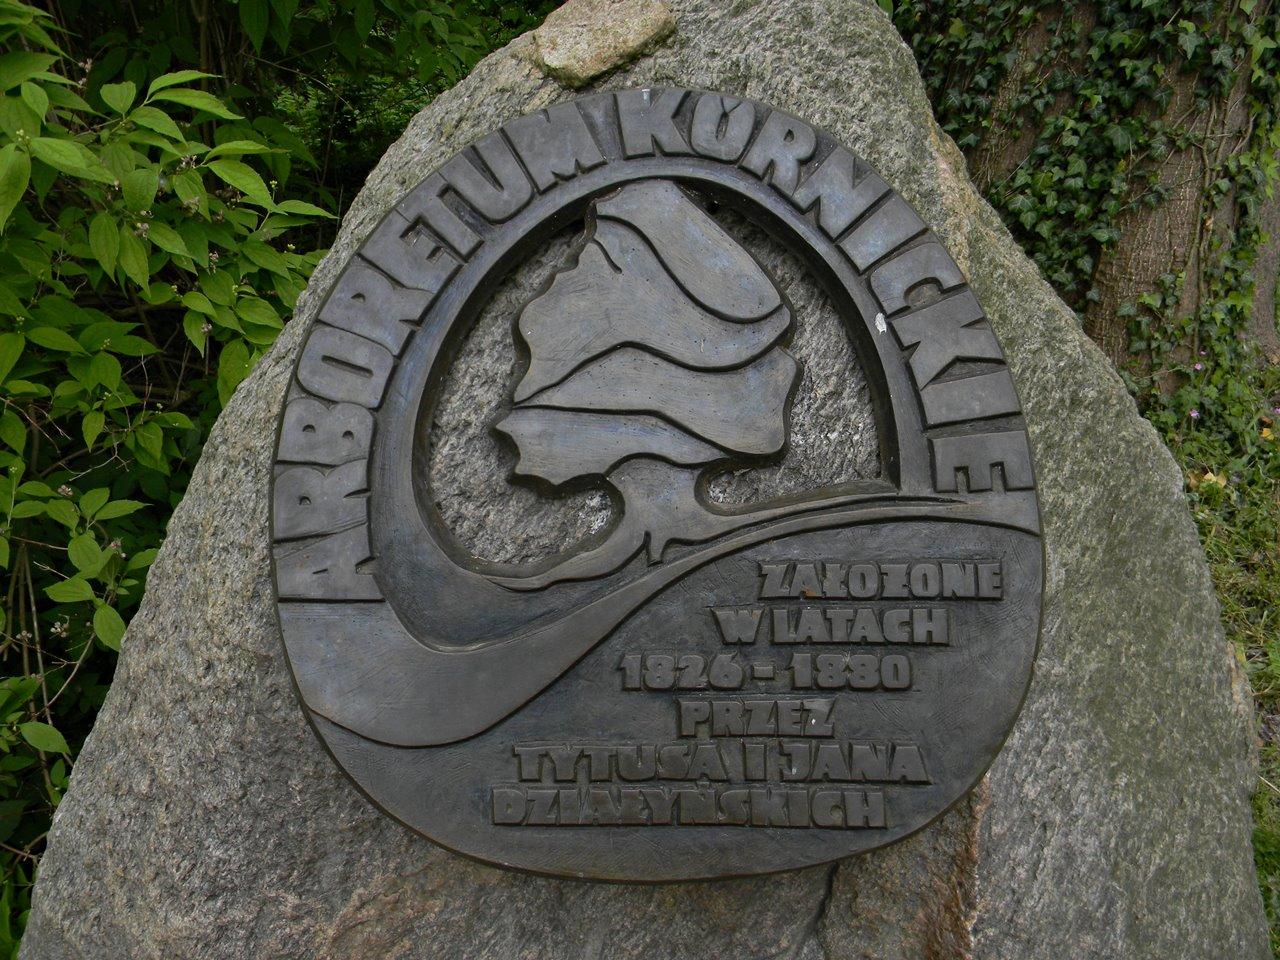 założyciele arboretum, pamiątkowy kamień